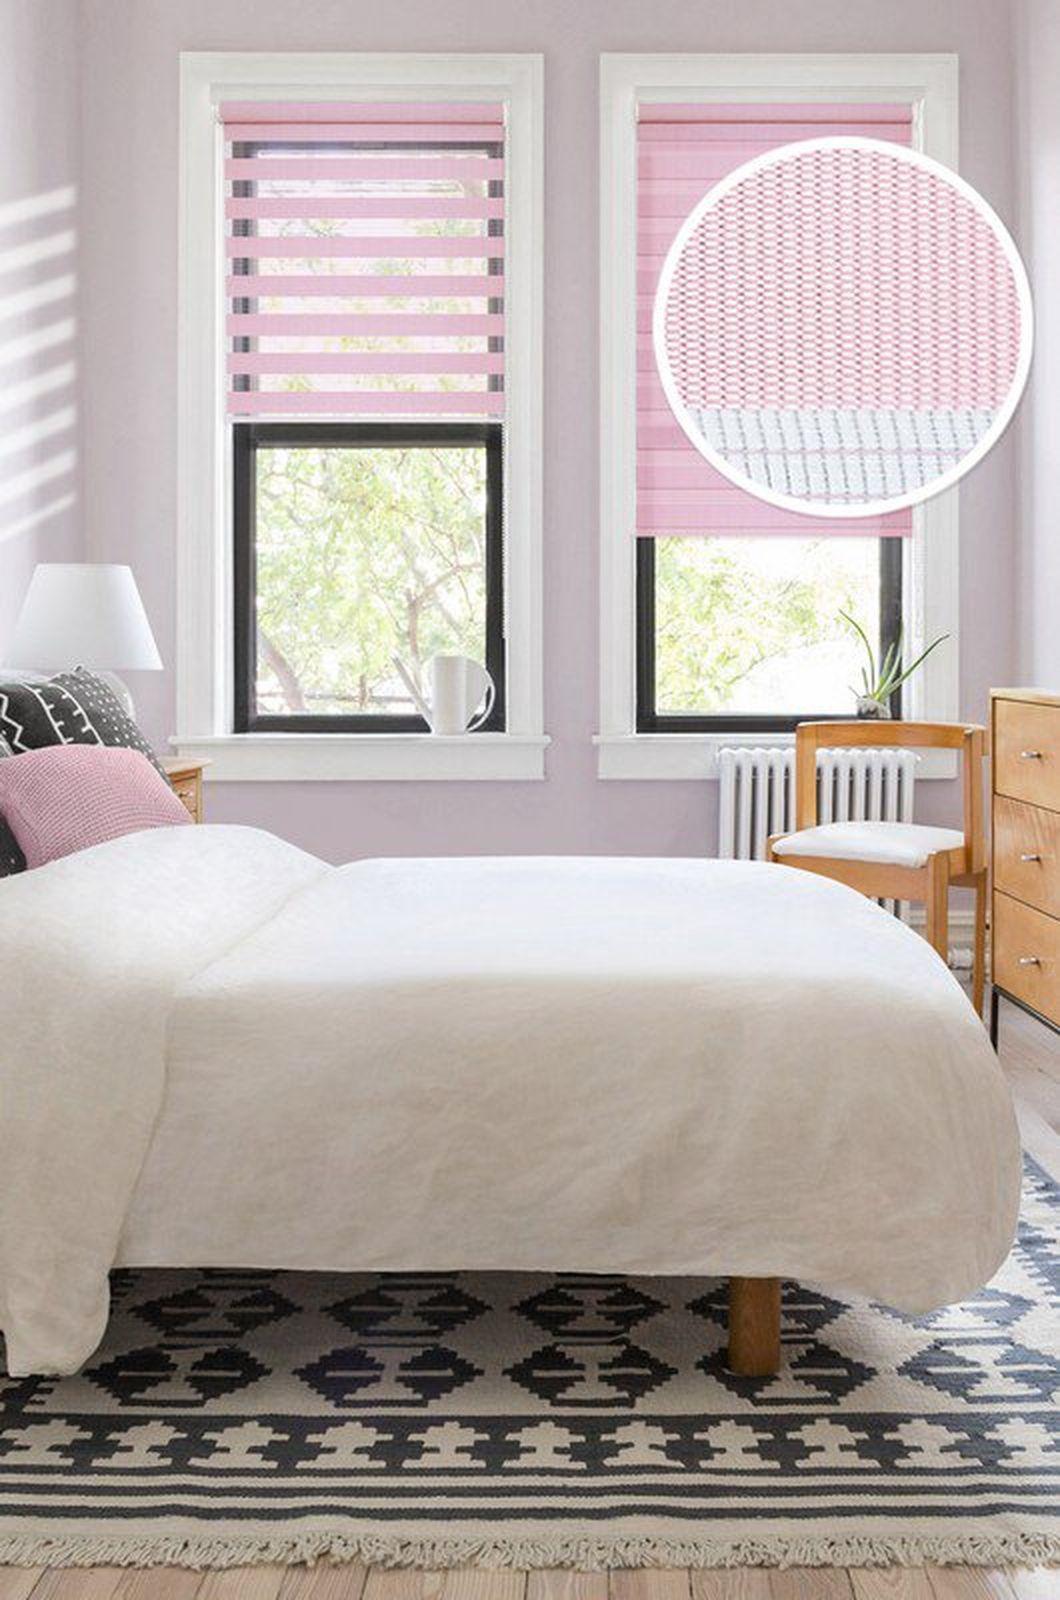 Миниролло Эскар День-Ночь, розовый, 43х170 см шторы рулонные ролло идея рулонная штора ролло lux satin терракот 60 см